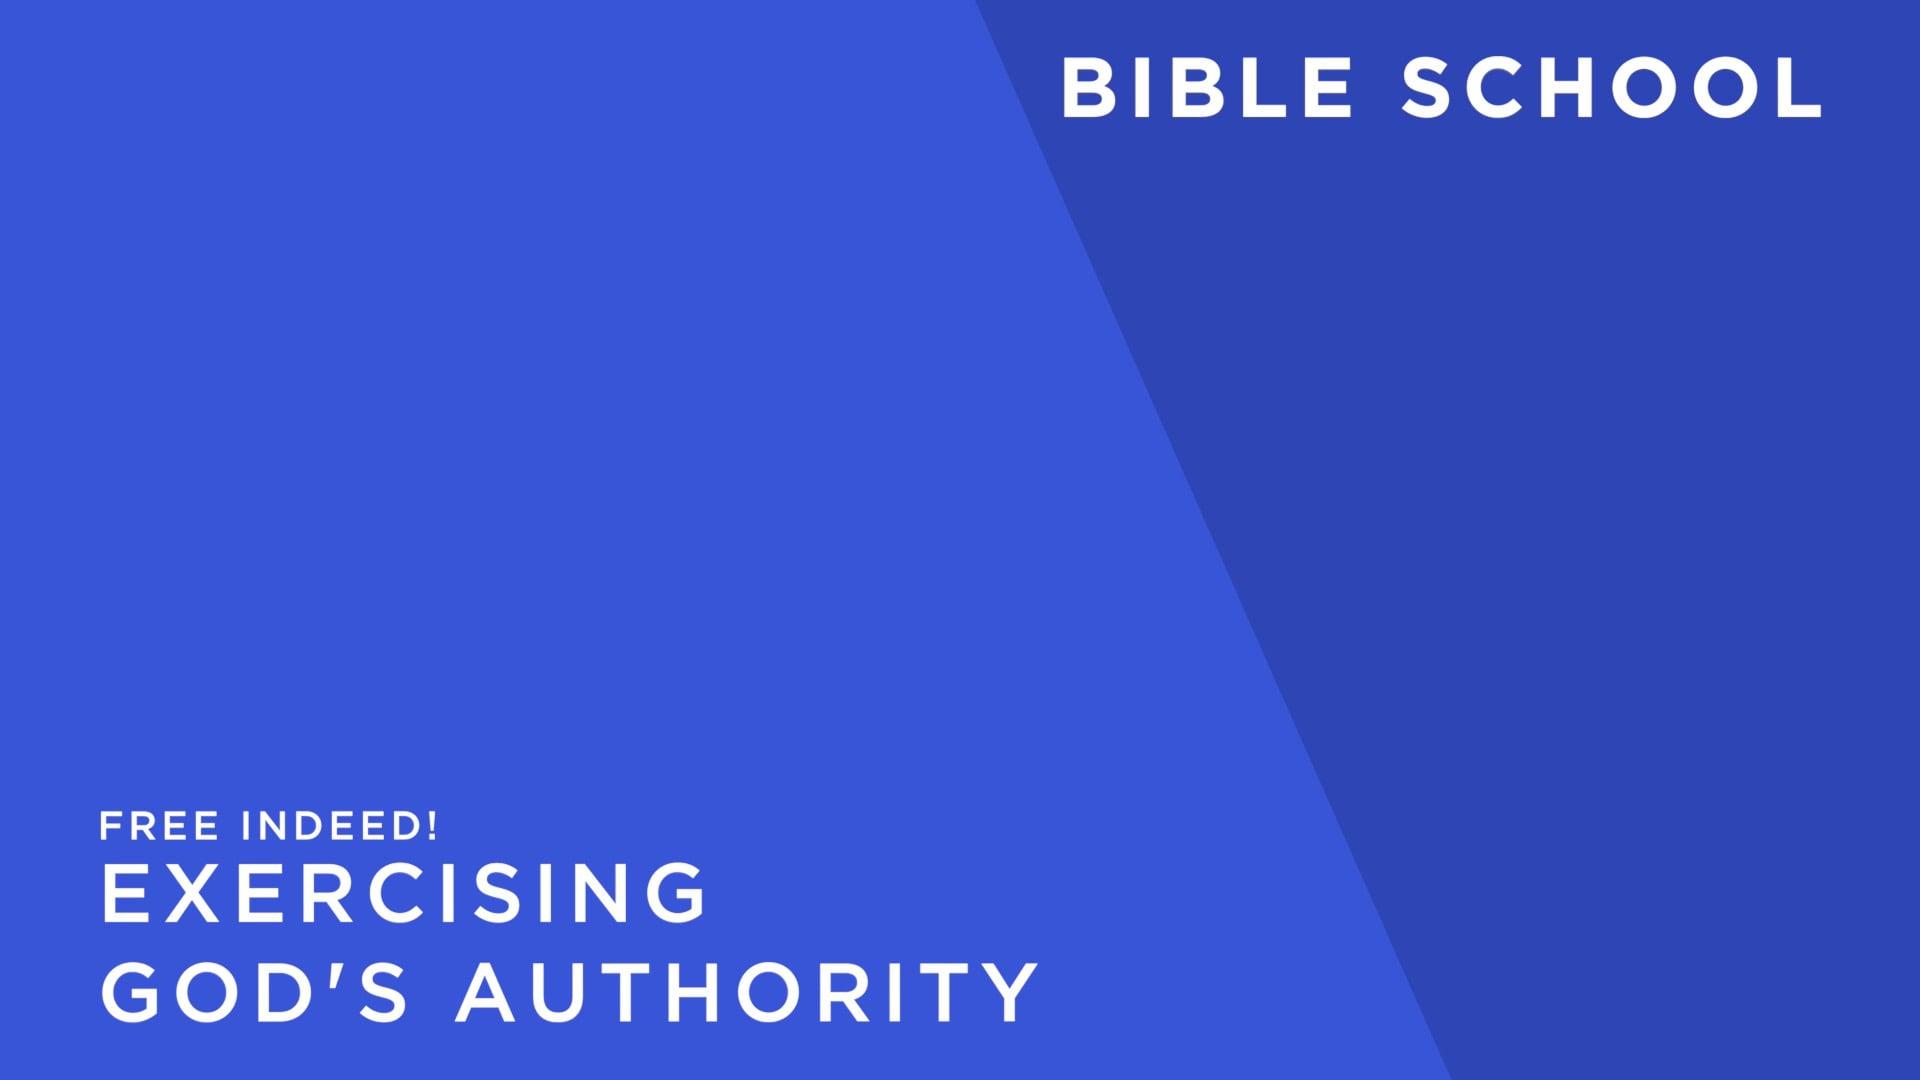 Free Indeed! [12] - Exercising God's Authority